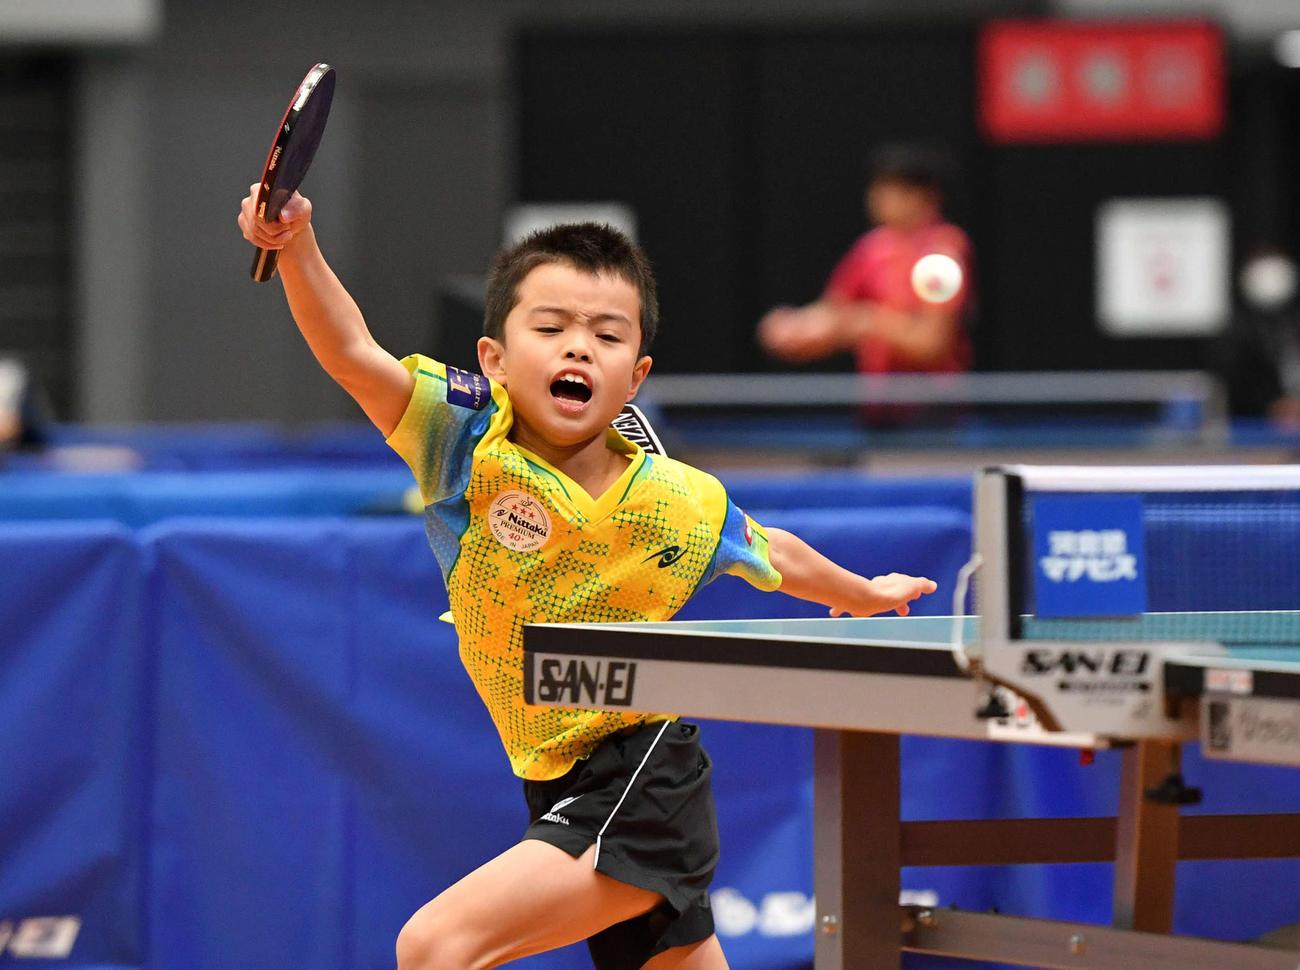 全日本卓球選手権ジュニア男子シングルス1回戦 懸命にラリーを返す大野颯真(撮影・岩下翔太)